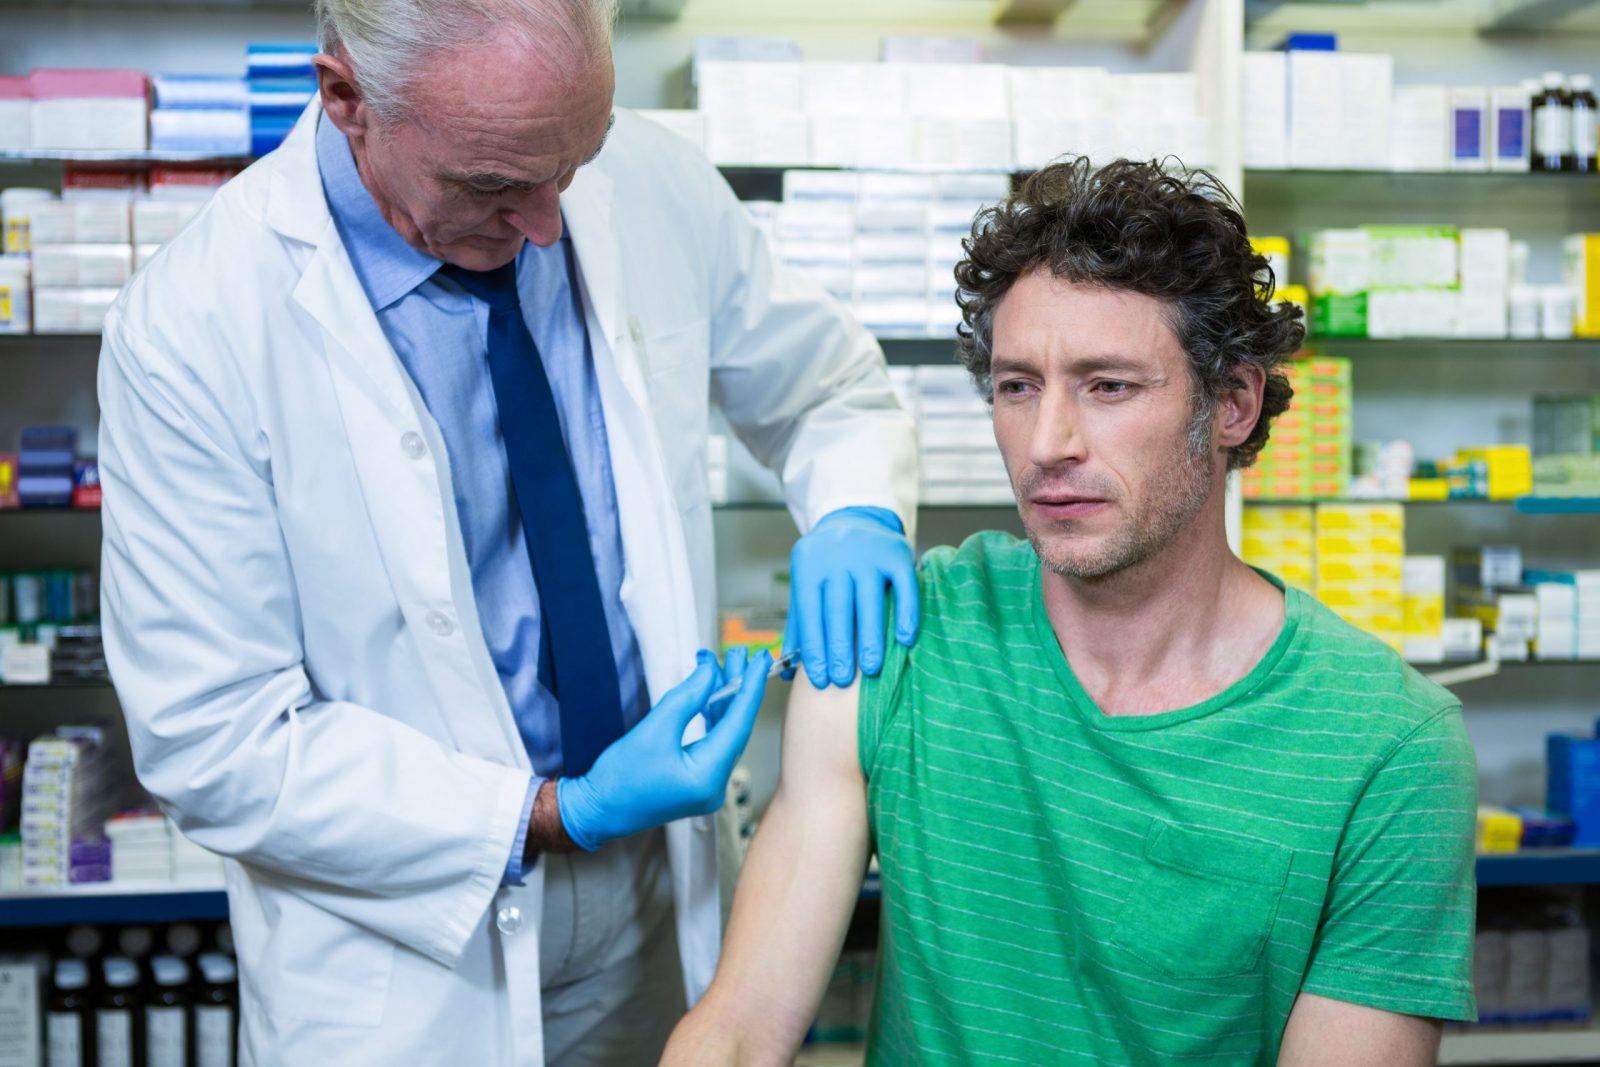 Andre Mandelli, i farmacisti vicini ai pazienti